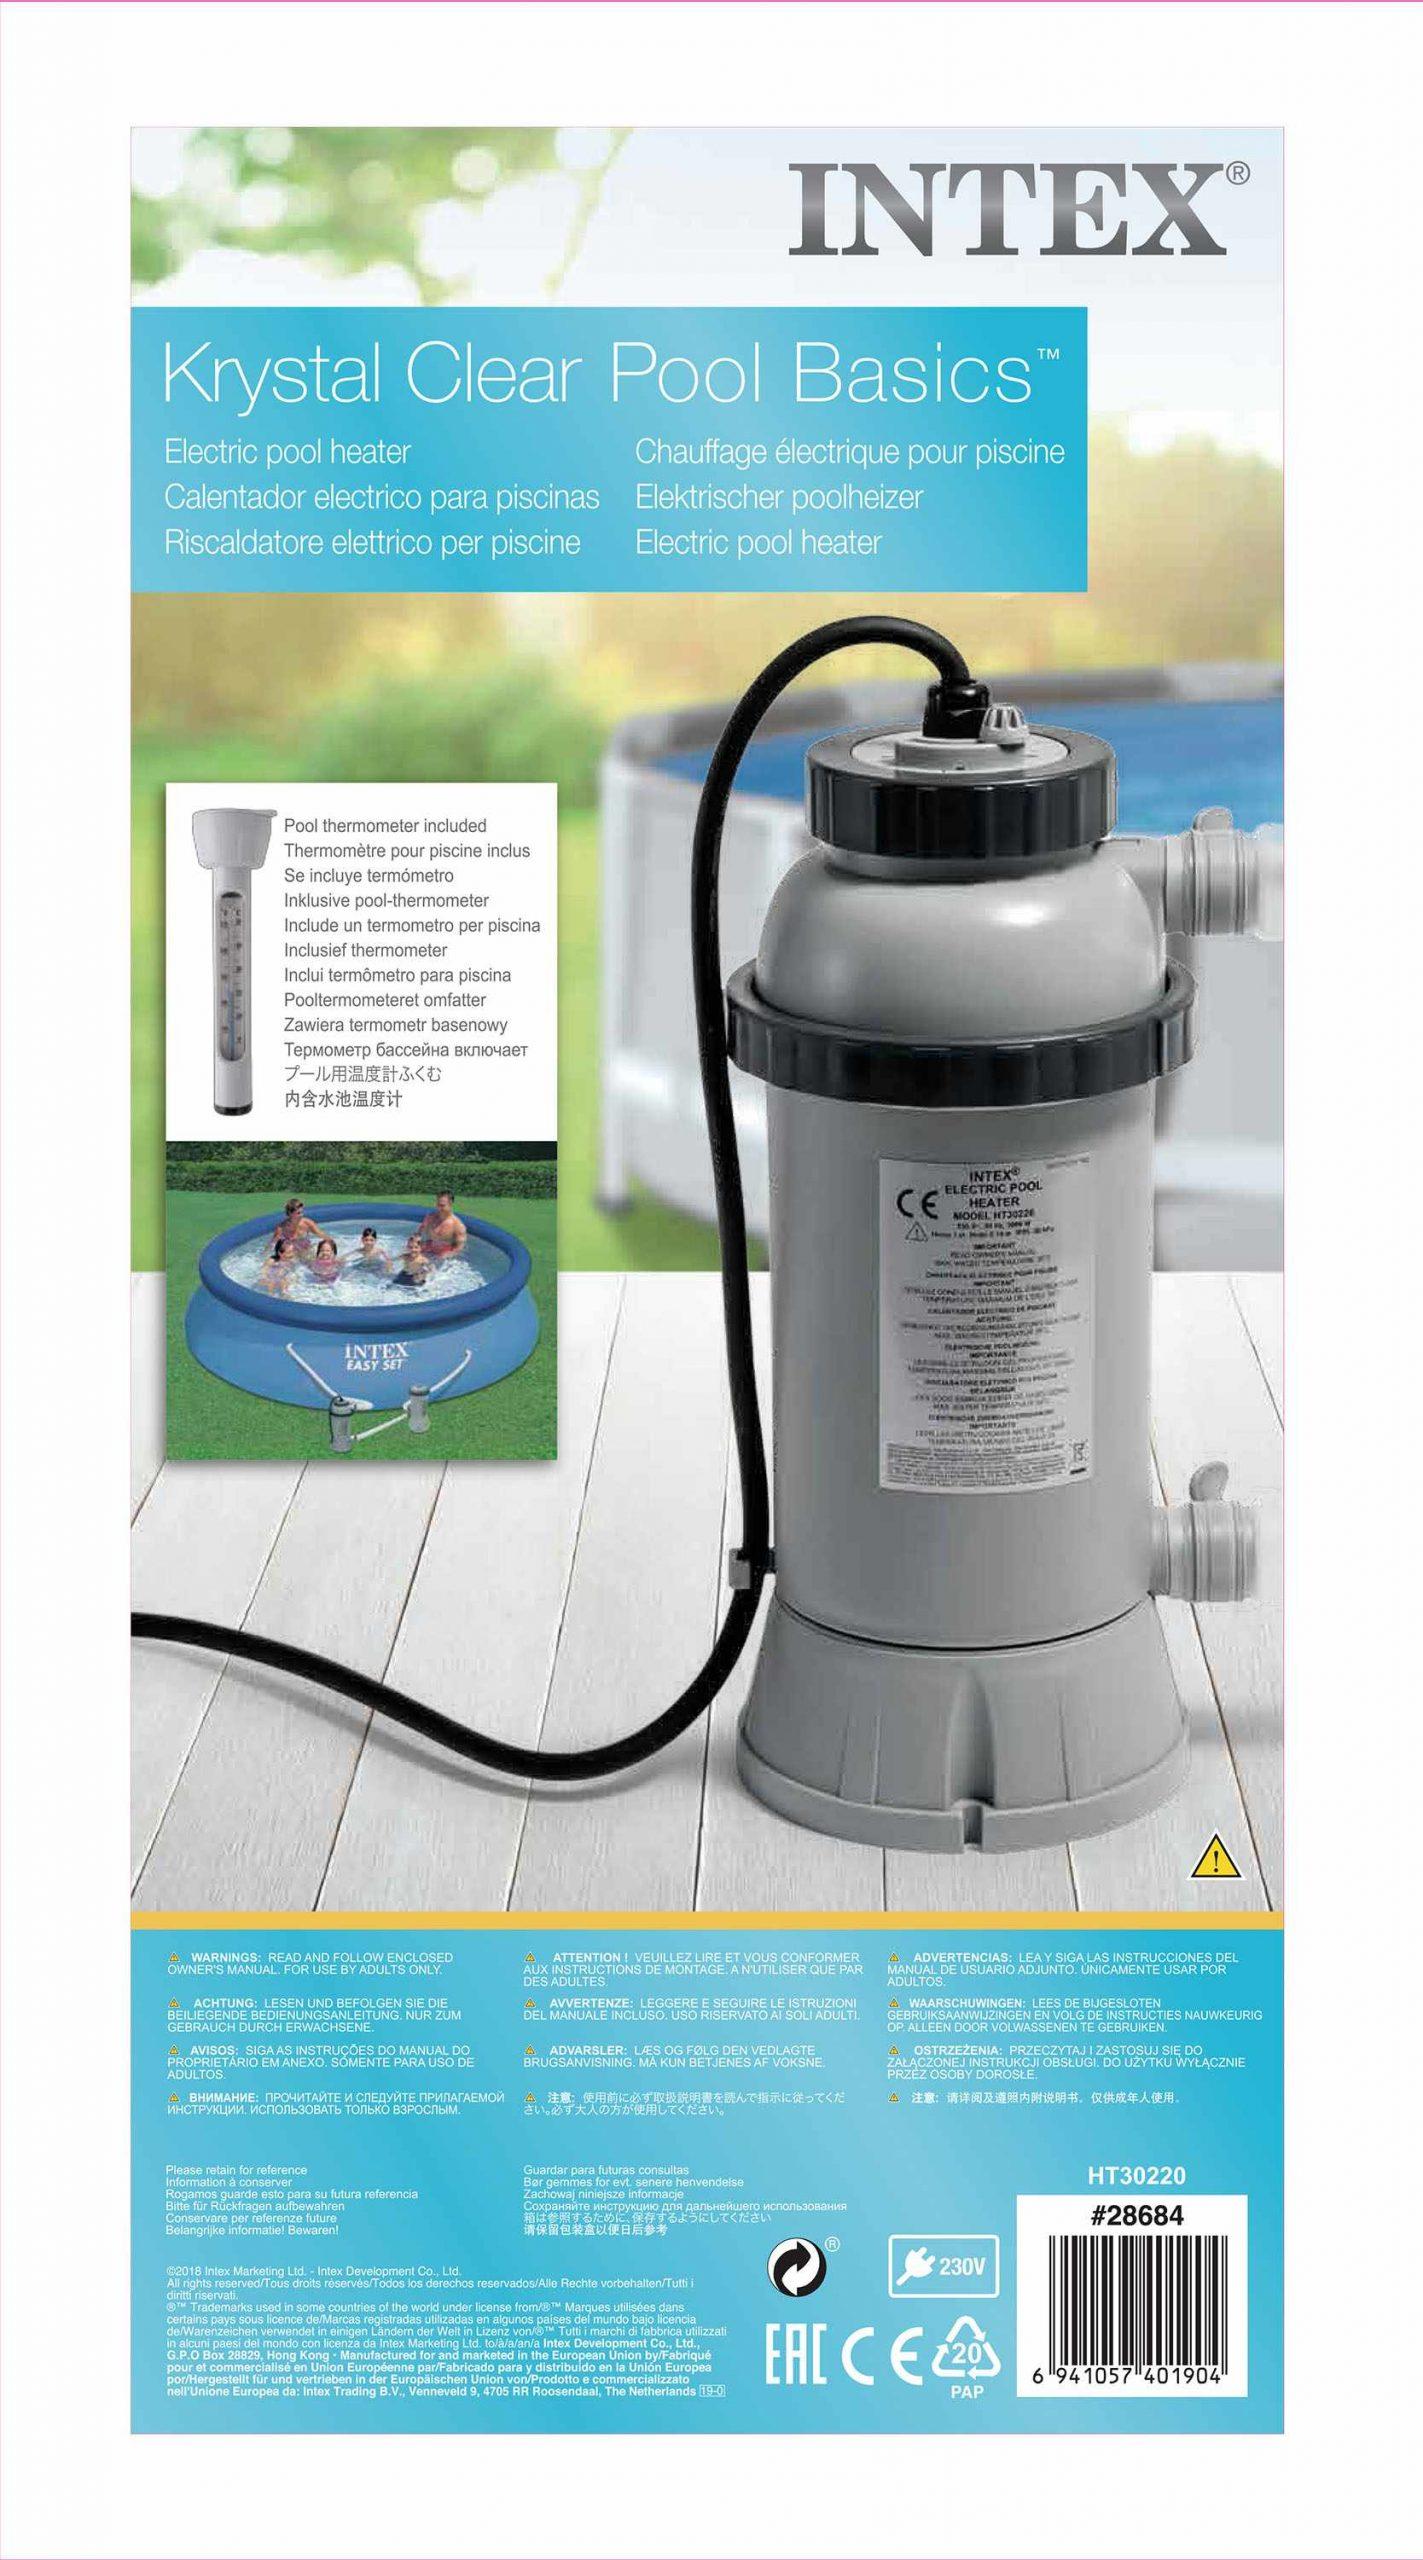 Réchauffeur Piscine Intex 28684 concernant Réchauffeur De Piscine Intex